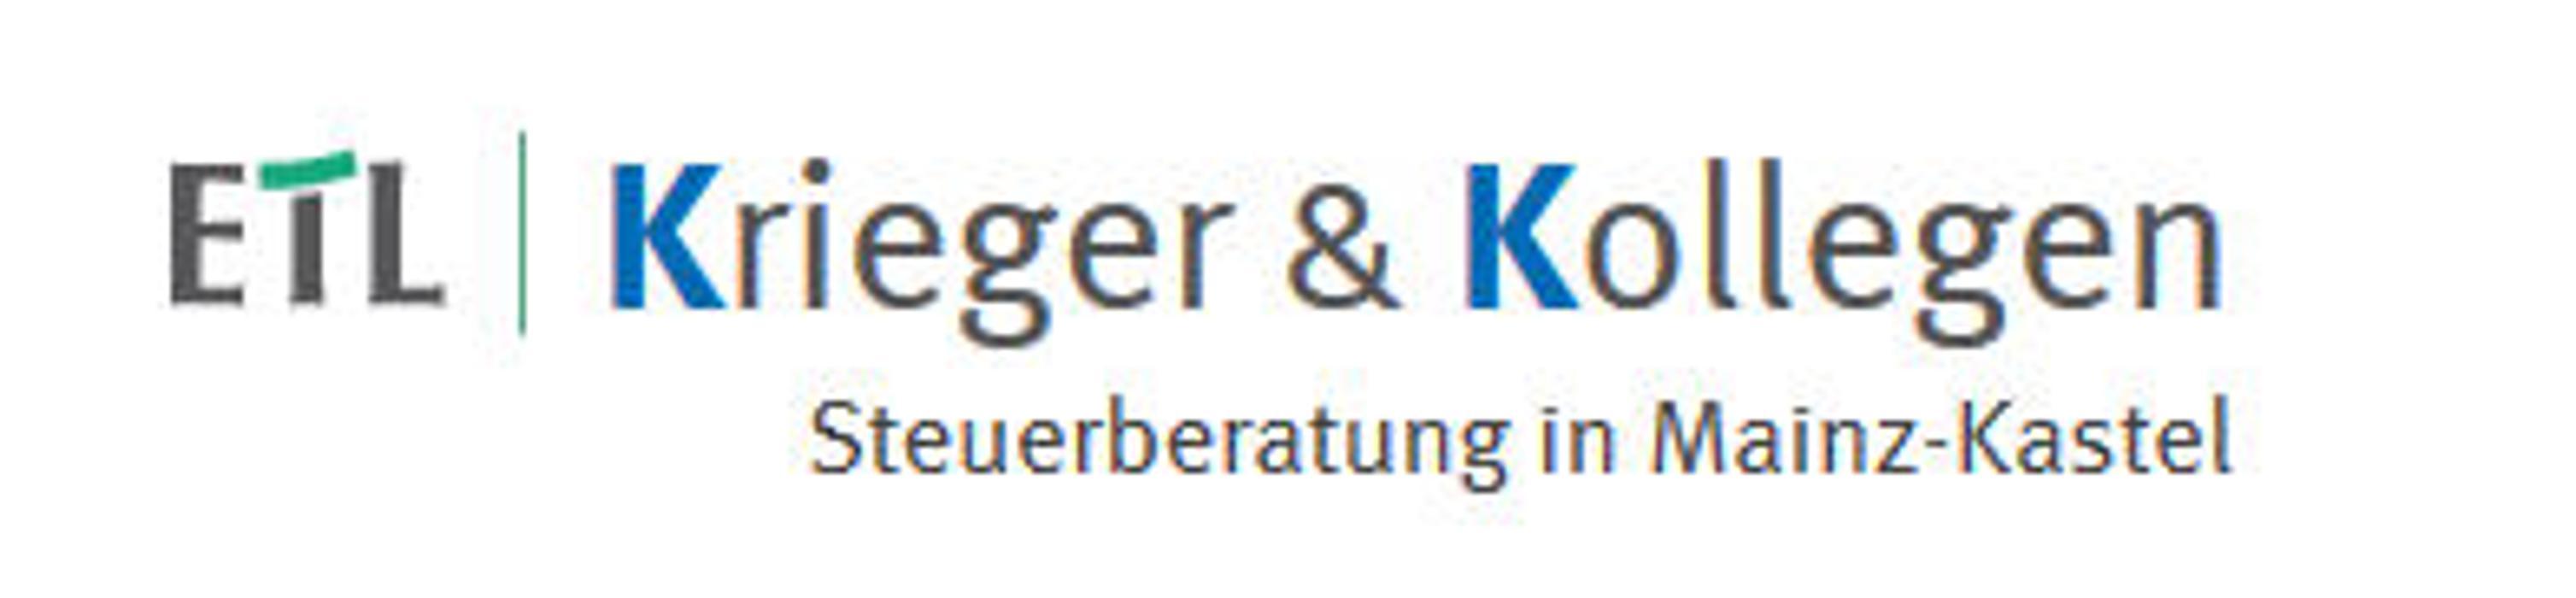 Bild zu ETL Krieger & Kollegen GmbH Steuerberatungsgesellschaft in Wiesbaden